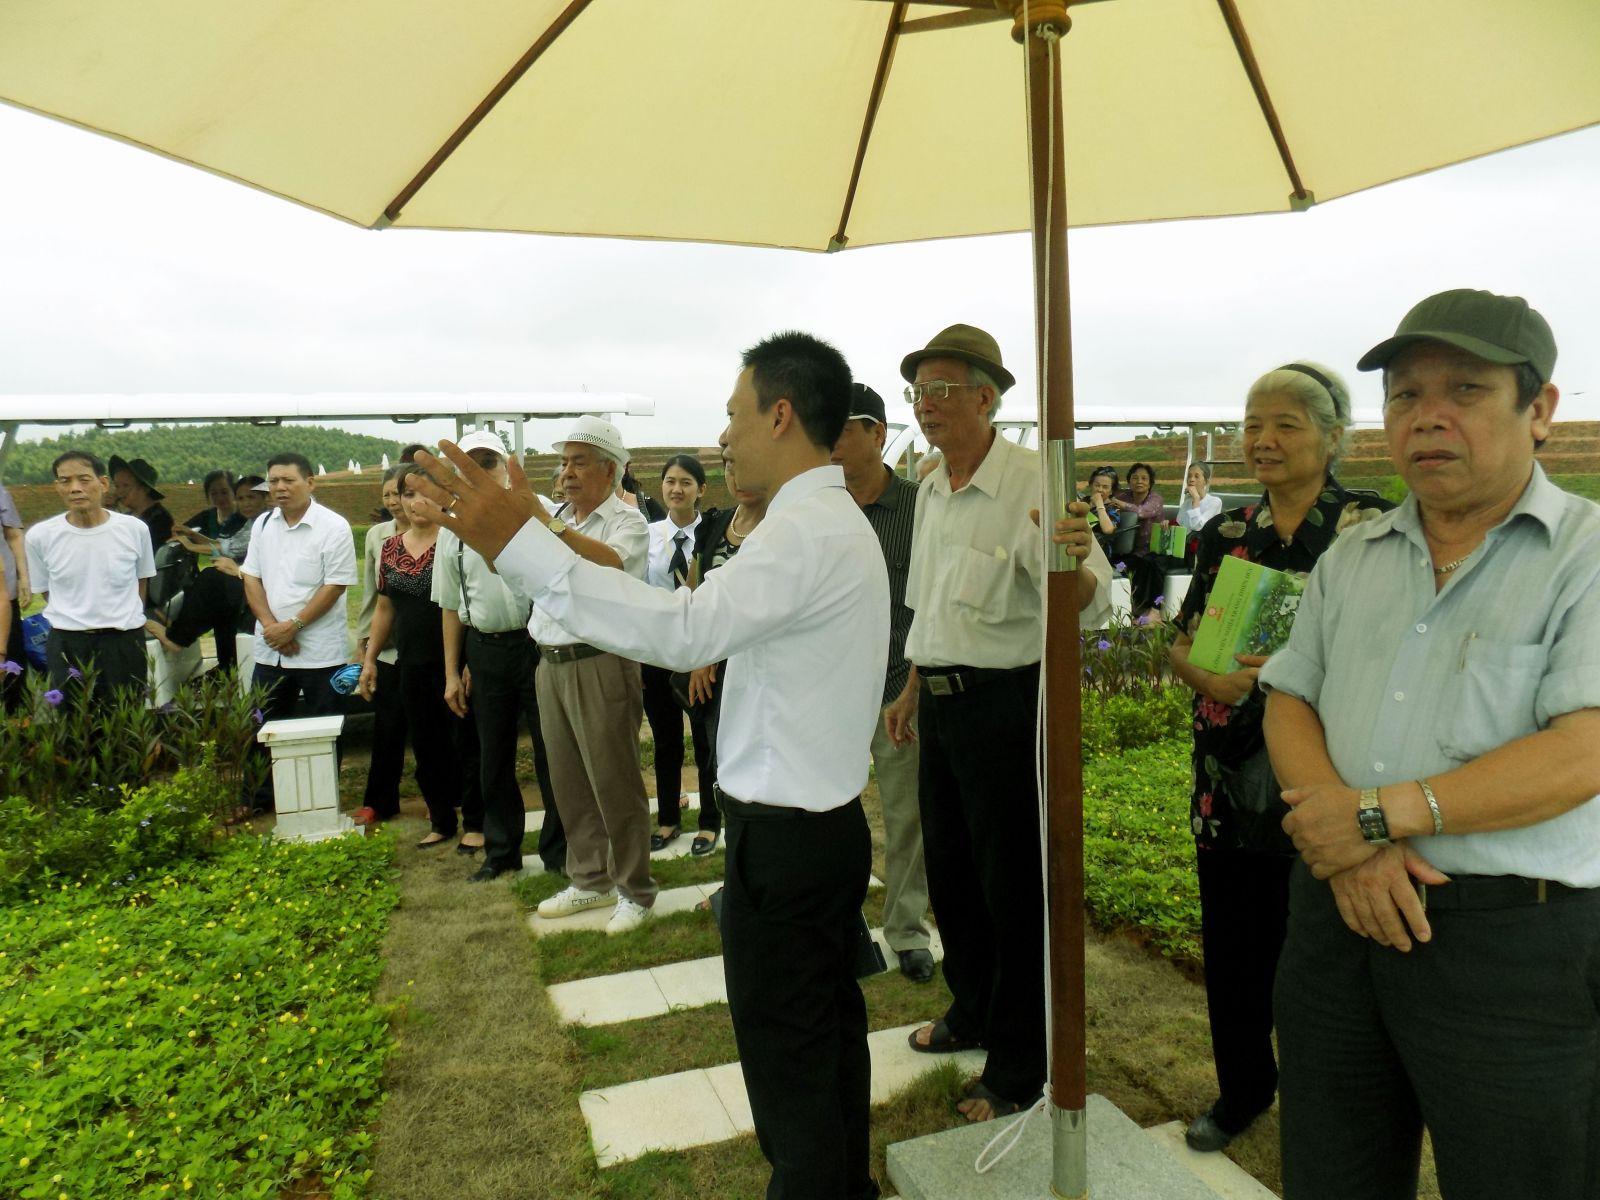 giới thiệu khuôn viên mộ gia đình trước đoàn đại biểu